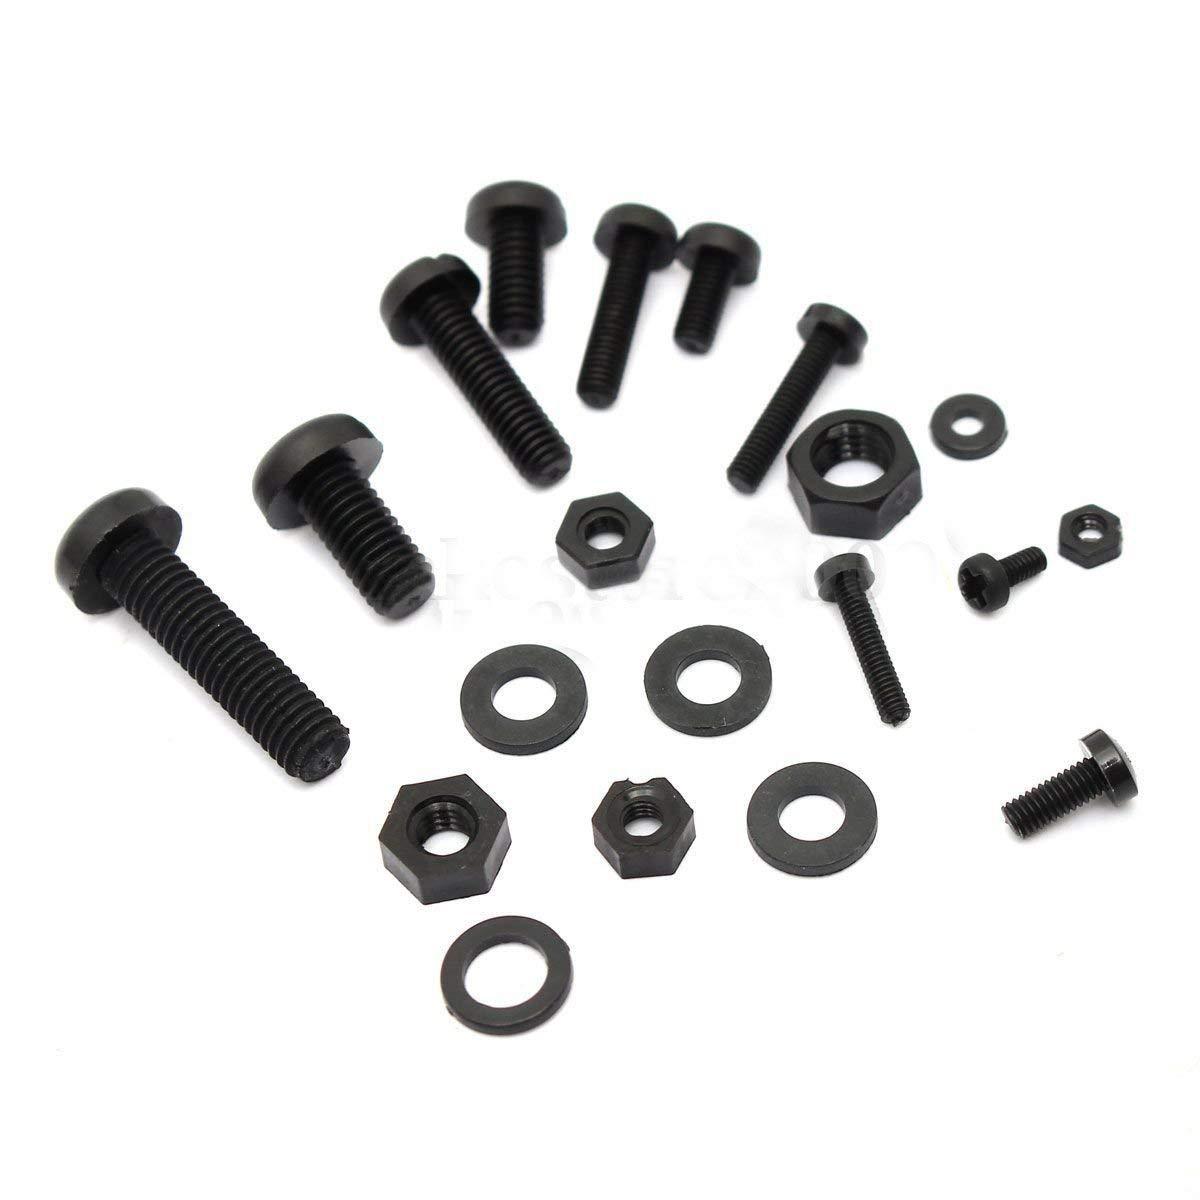 Screws & Nuts Assortment Kit - TOOGOO(R) 150Pcs M2 M2.5 M3 M4 M5 Nylon Hex Screw Bolt Nut Standoff Spacer Assortment Kit Black